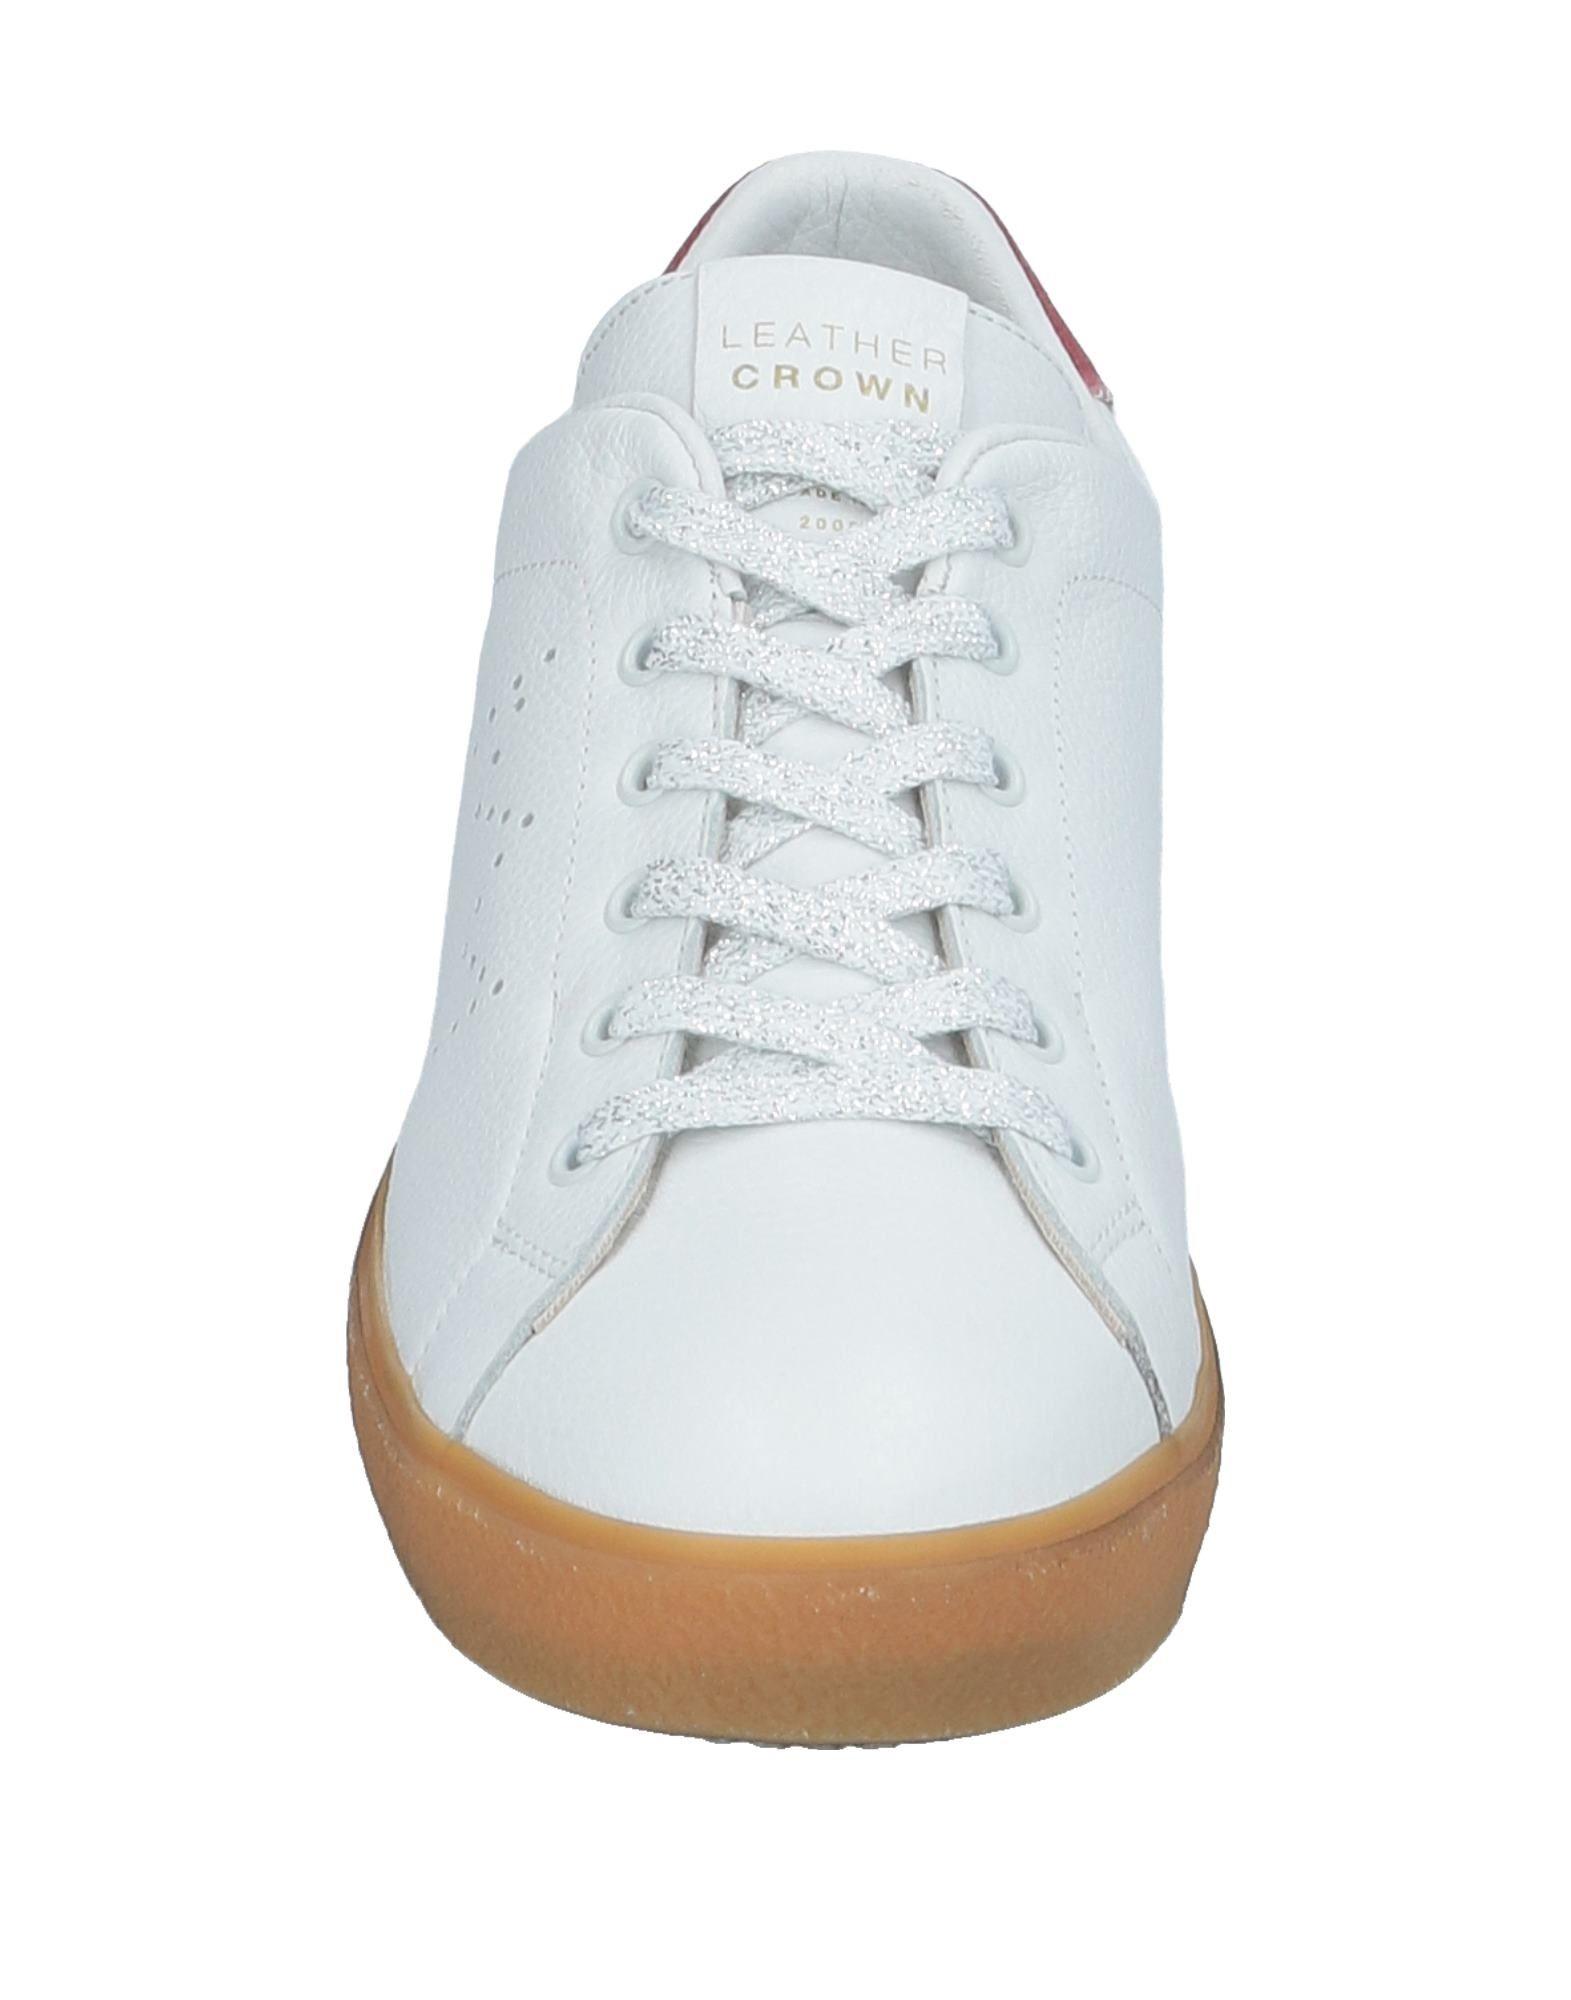 Stilvolle billige Schuhe Leather Crown 11531896KN Sneakers Damen  11531896KN Crown 2a0869